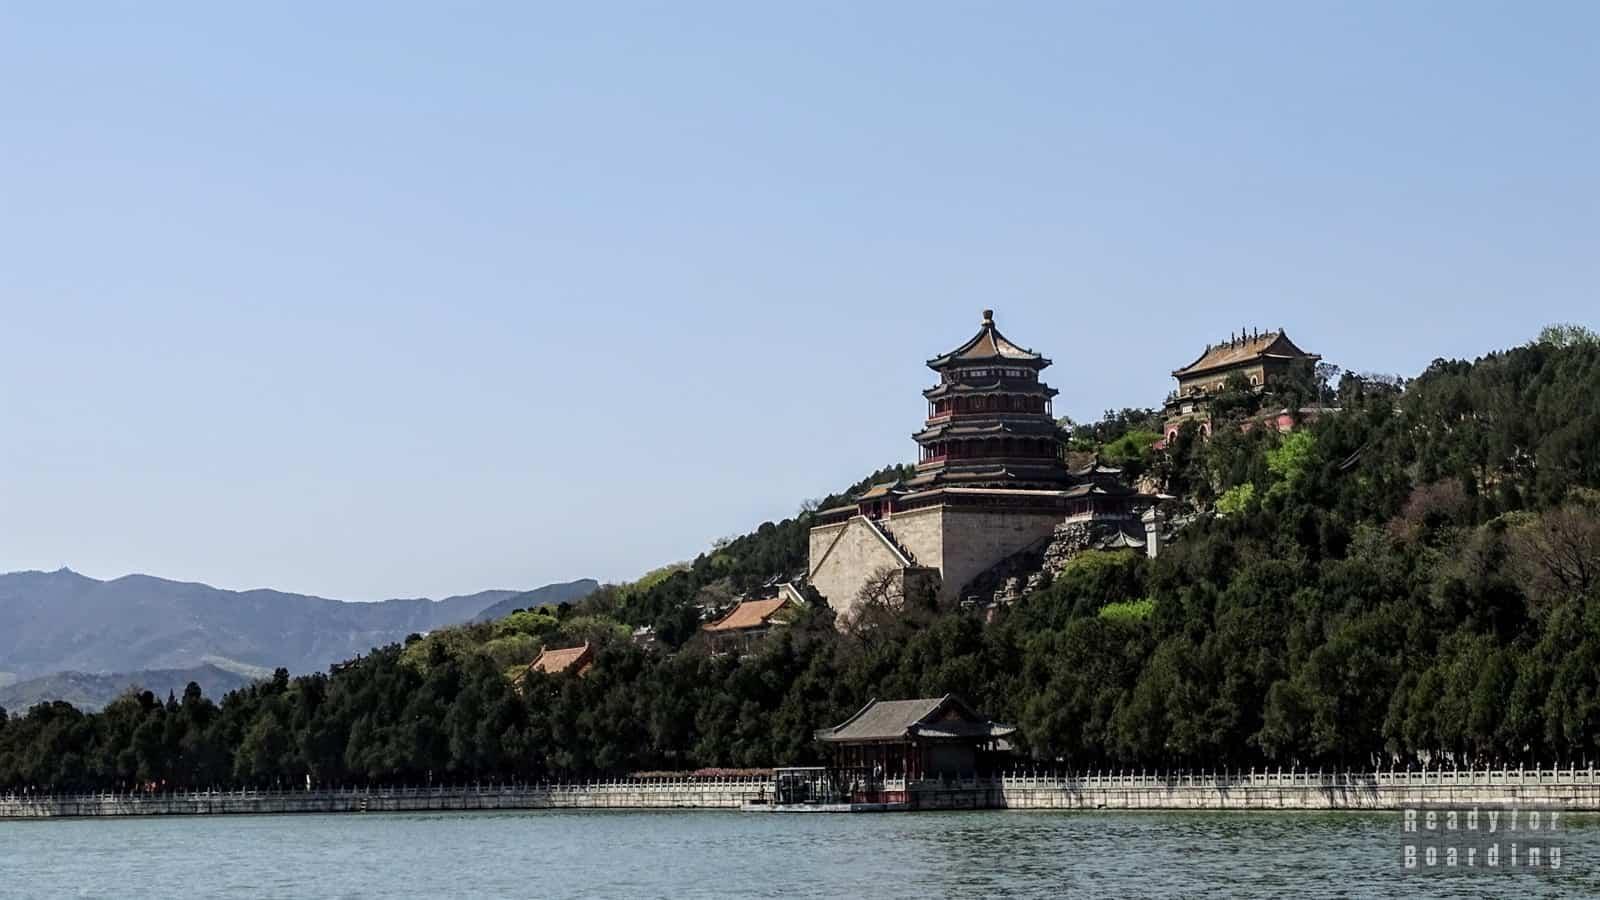 Pekin - Pałac Letni, czyli Summer Palace (galeria zdjęć)